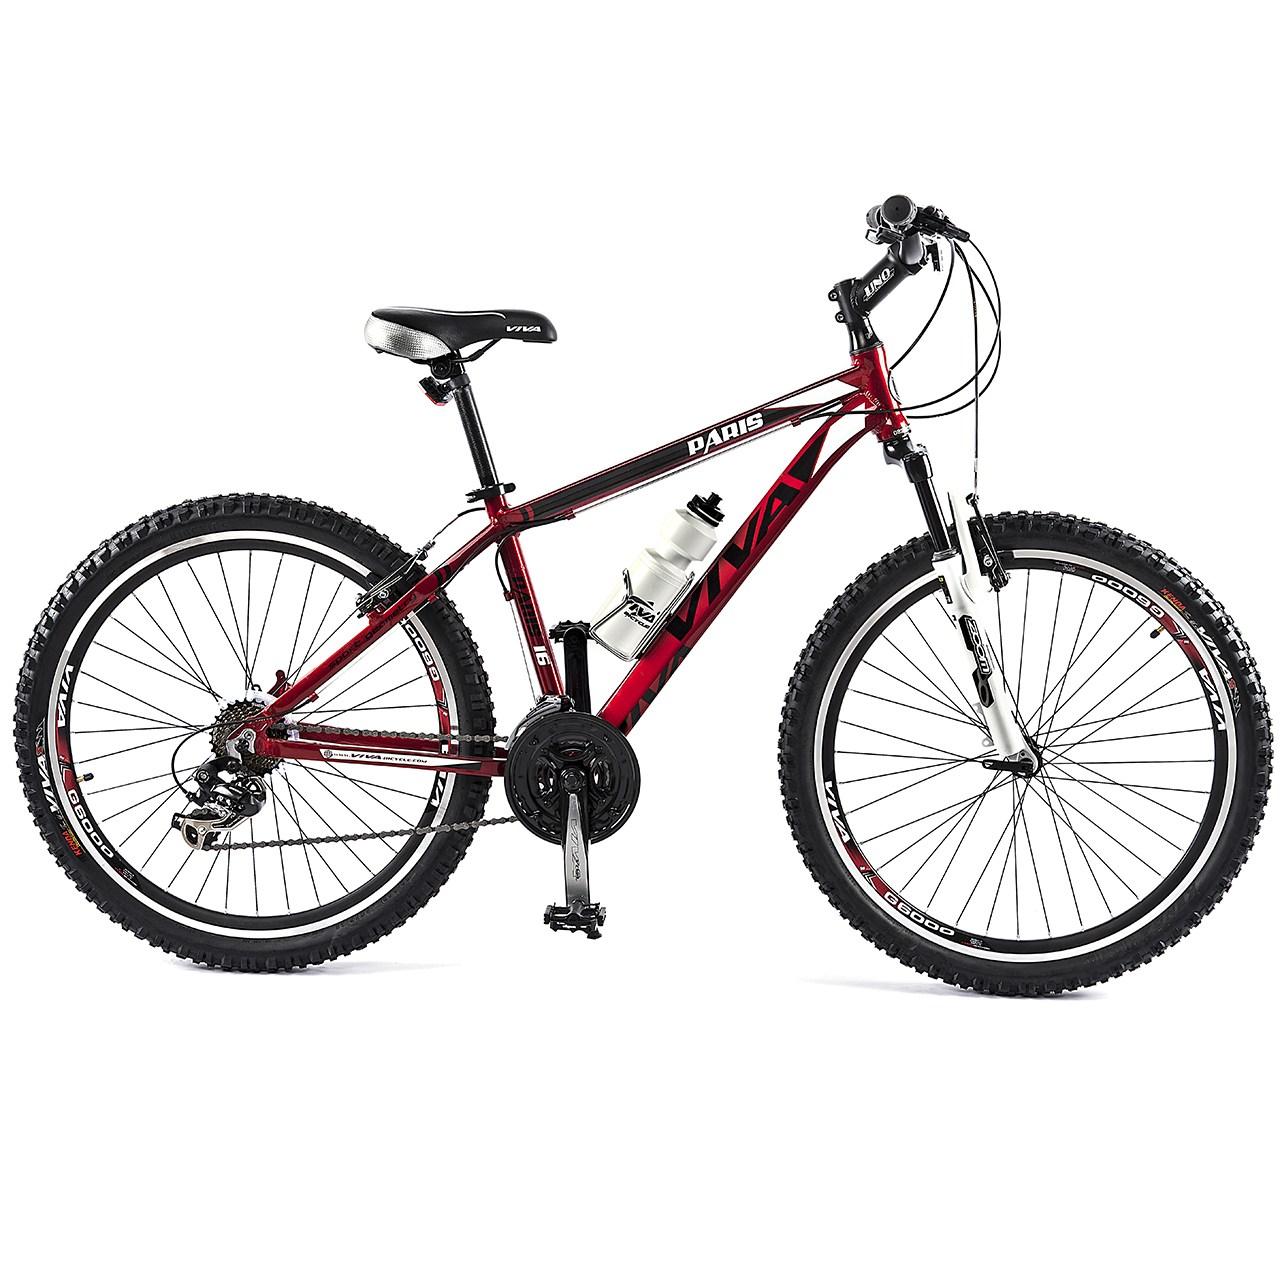 دوچرخه کوهستان ویوا مدل Paris سایز 26 - سایز فریم 16